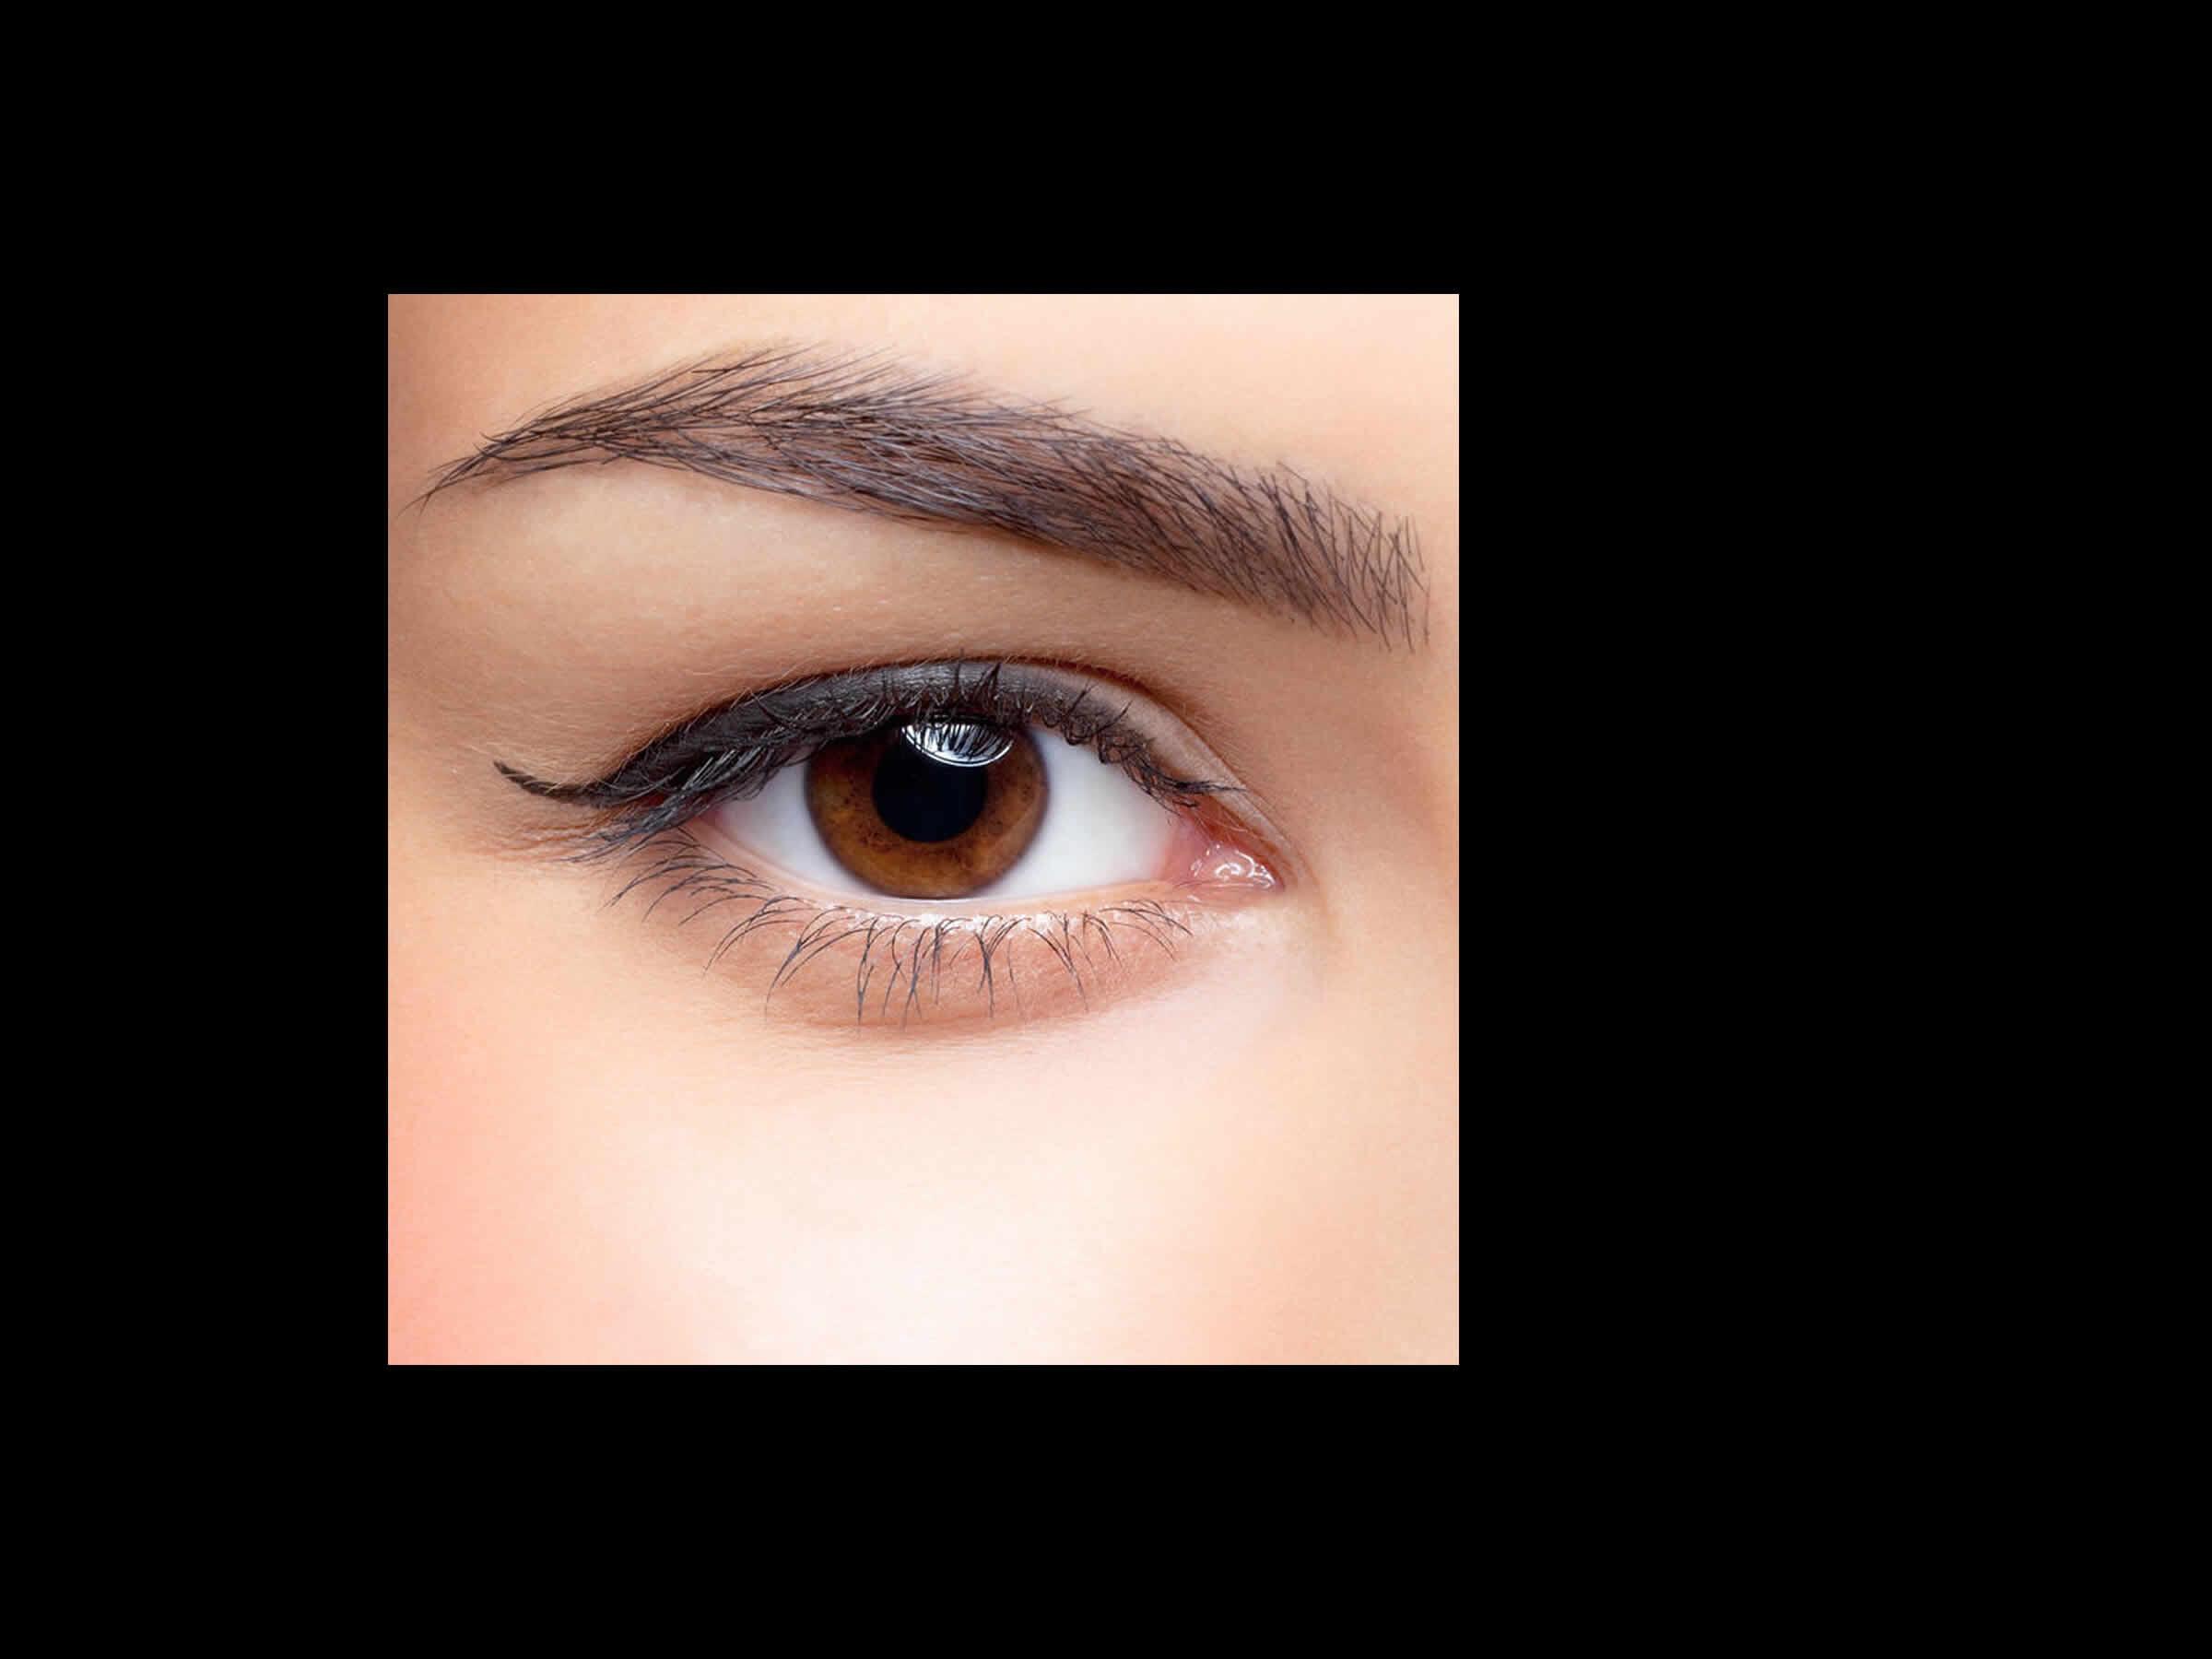 魅惑眼線-作品集